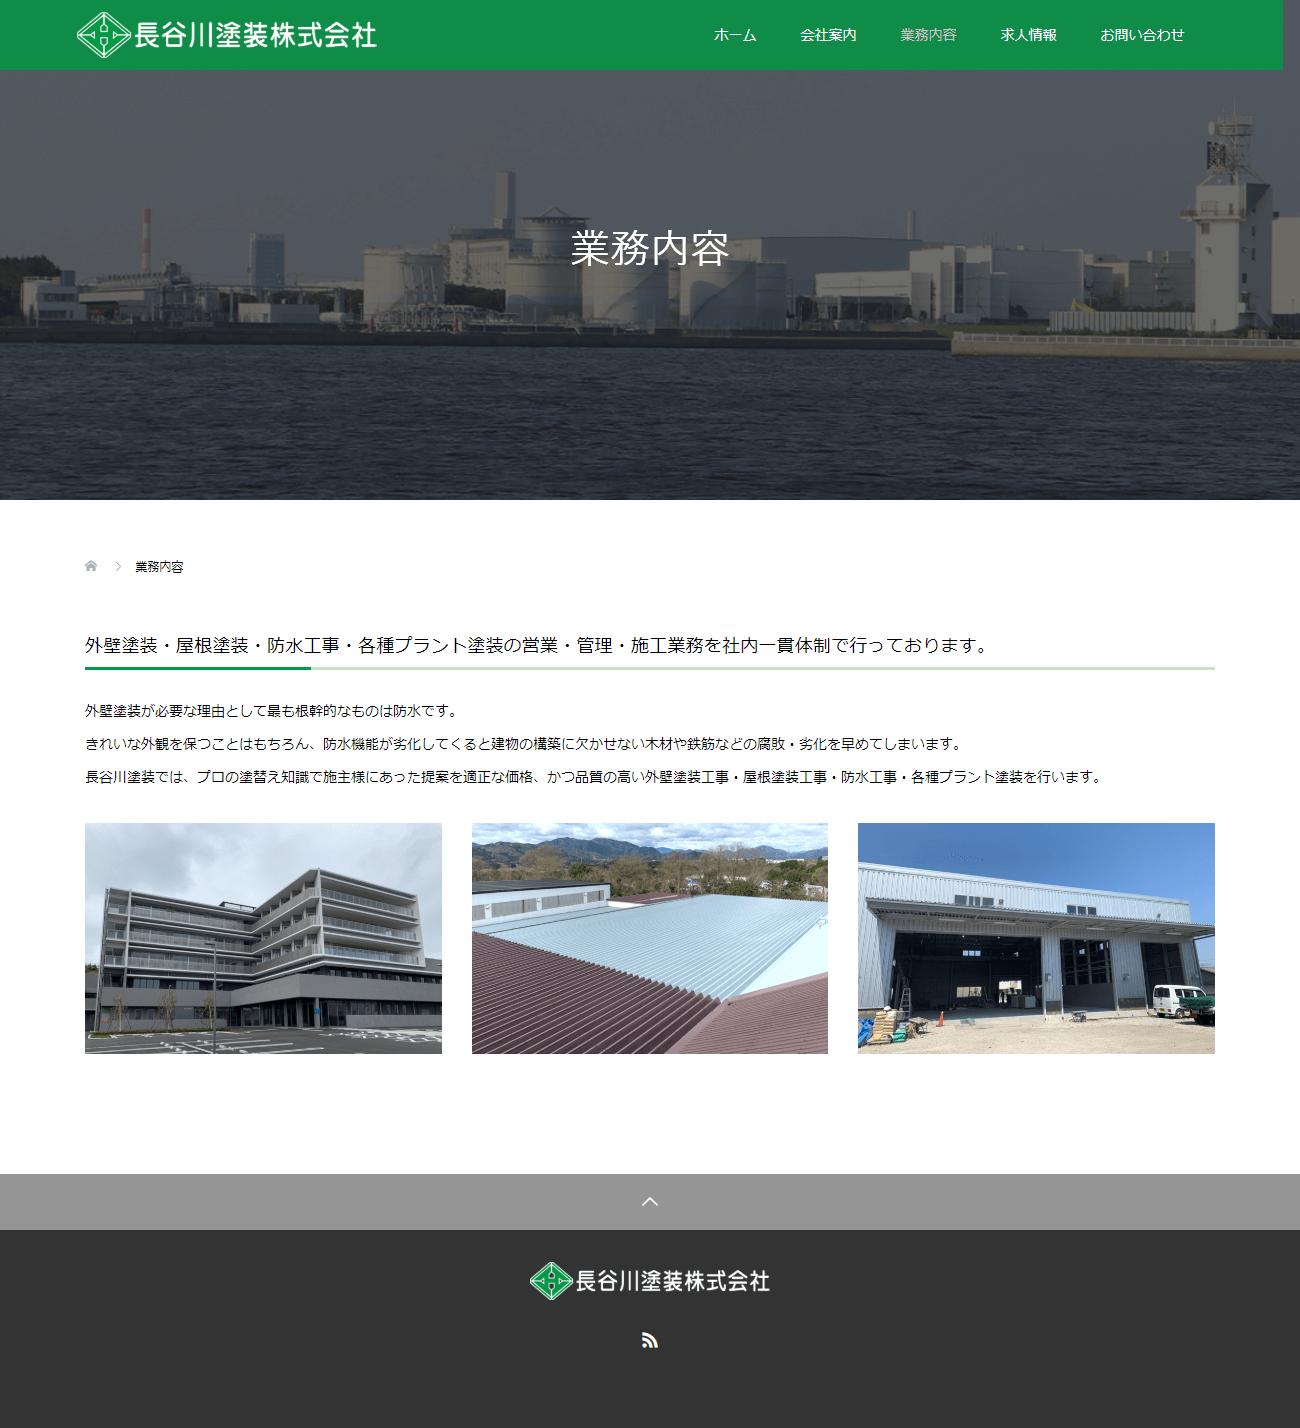 姫路市 長谷川塗装株式会社 ホームページ制作2